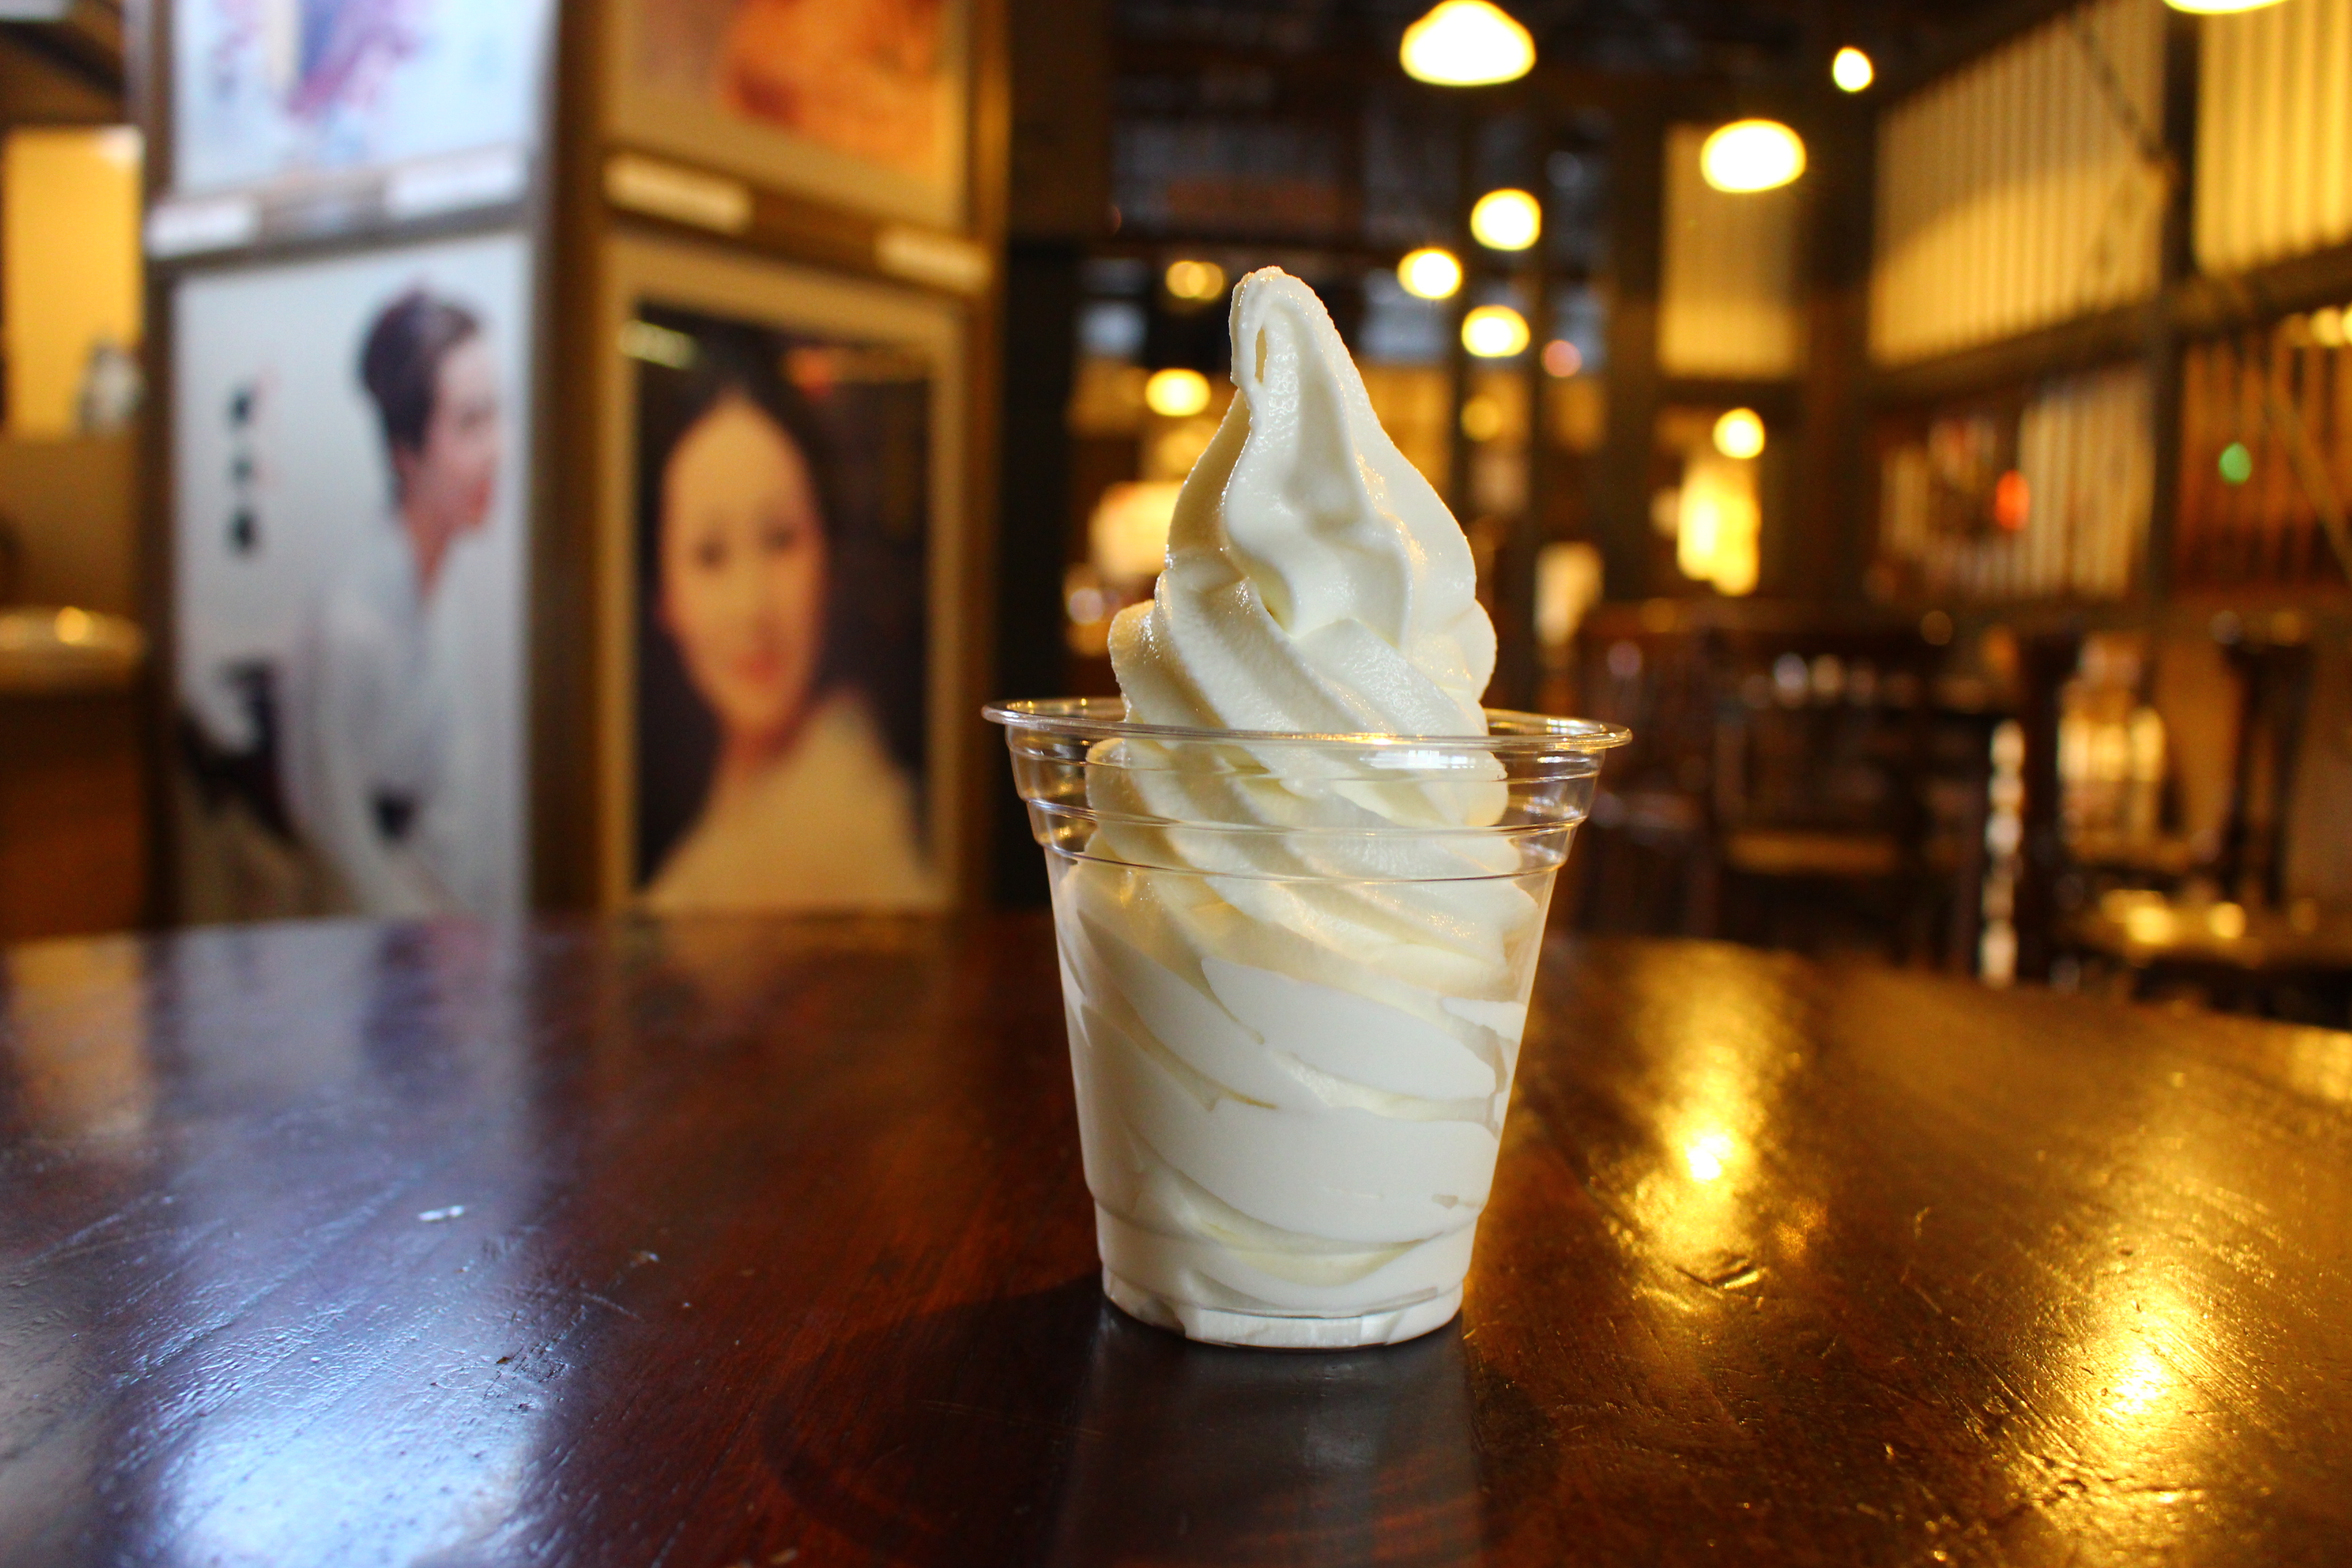 大吟醸の酒粕を贅沢に使用した酒粕ソフトクリームを食す「千歳鶴 酒ミュージアム」